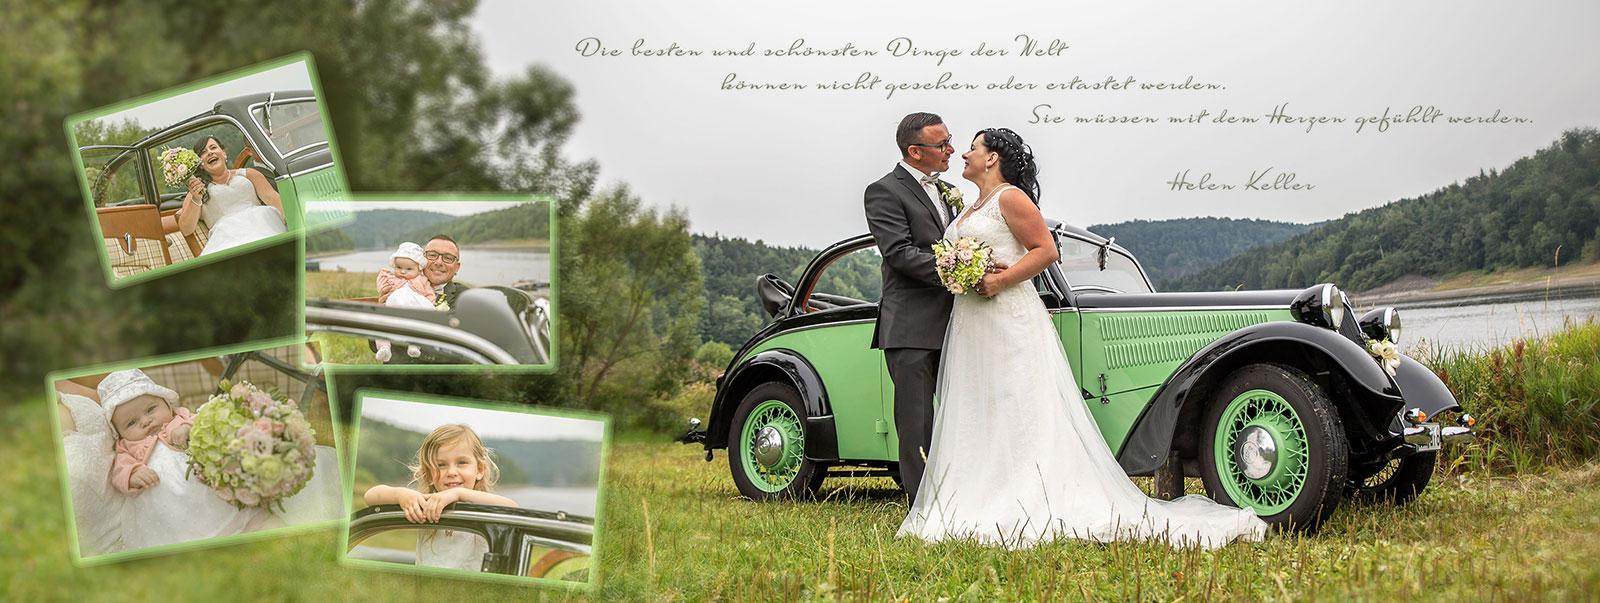 Panorama Fotobuch zur Hochzeit - Fotoshooting in Maktredwitz